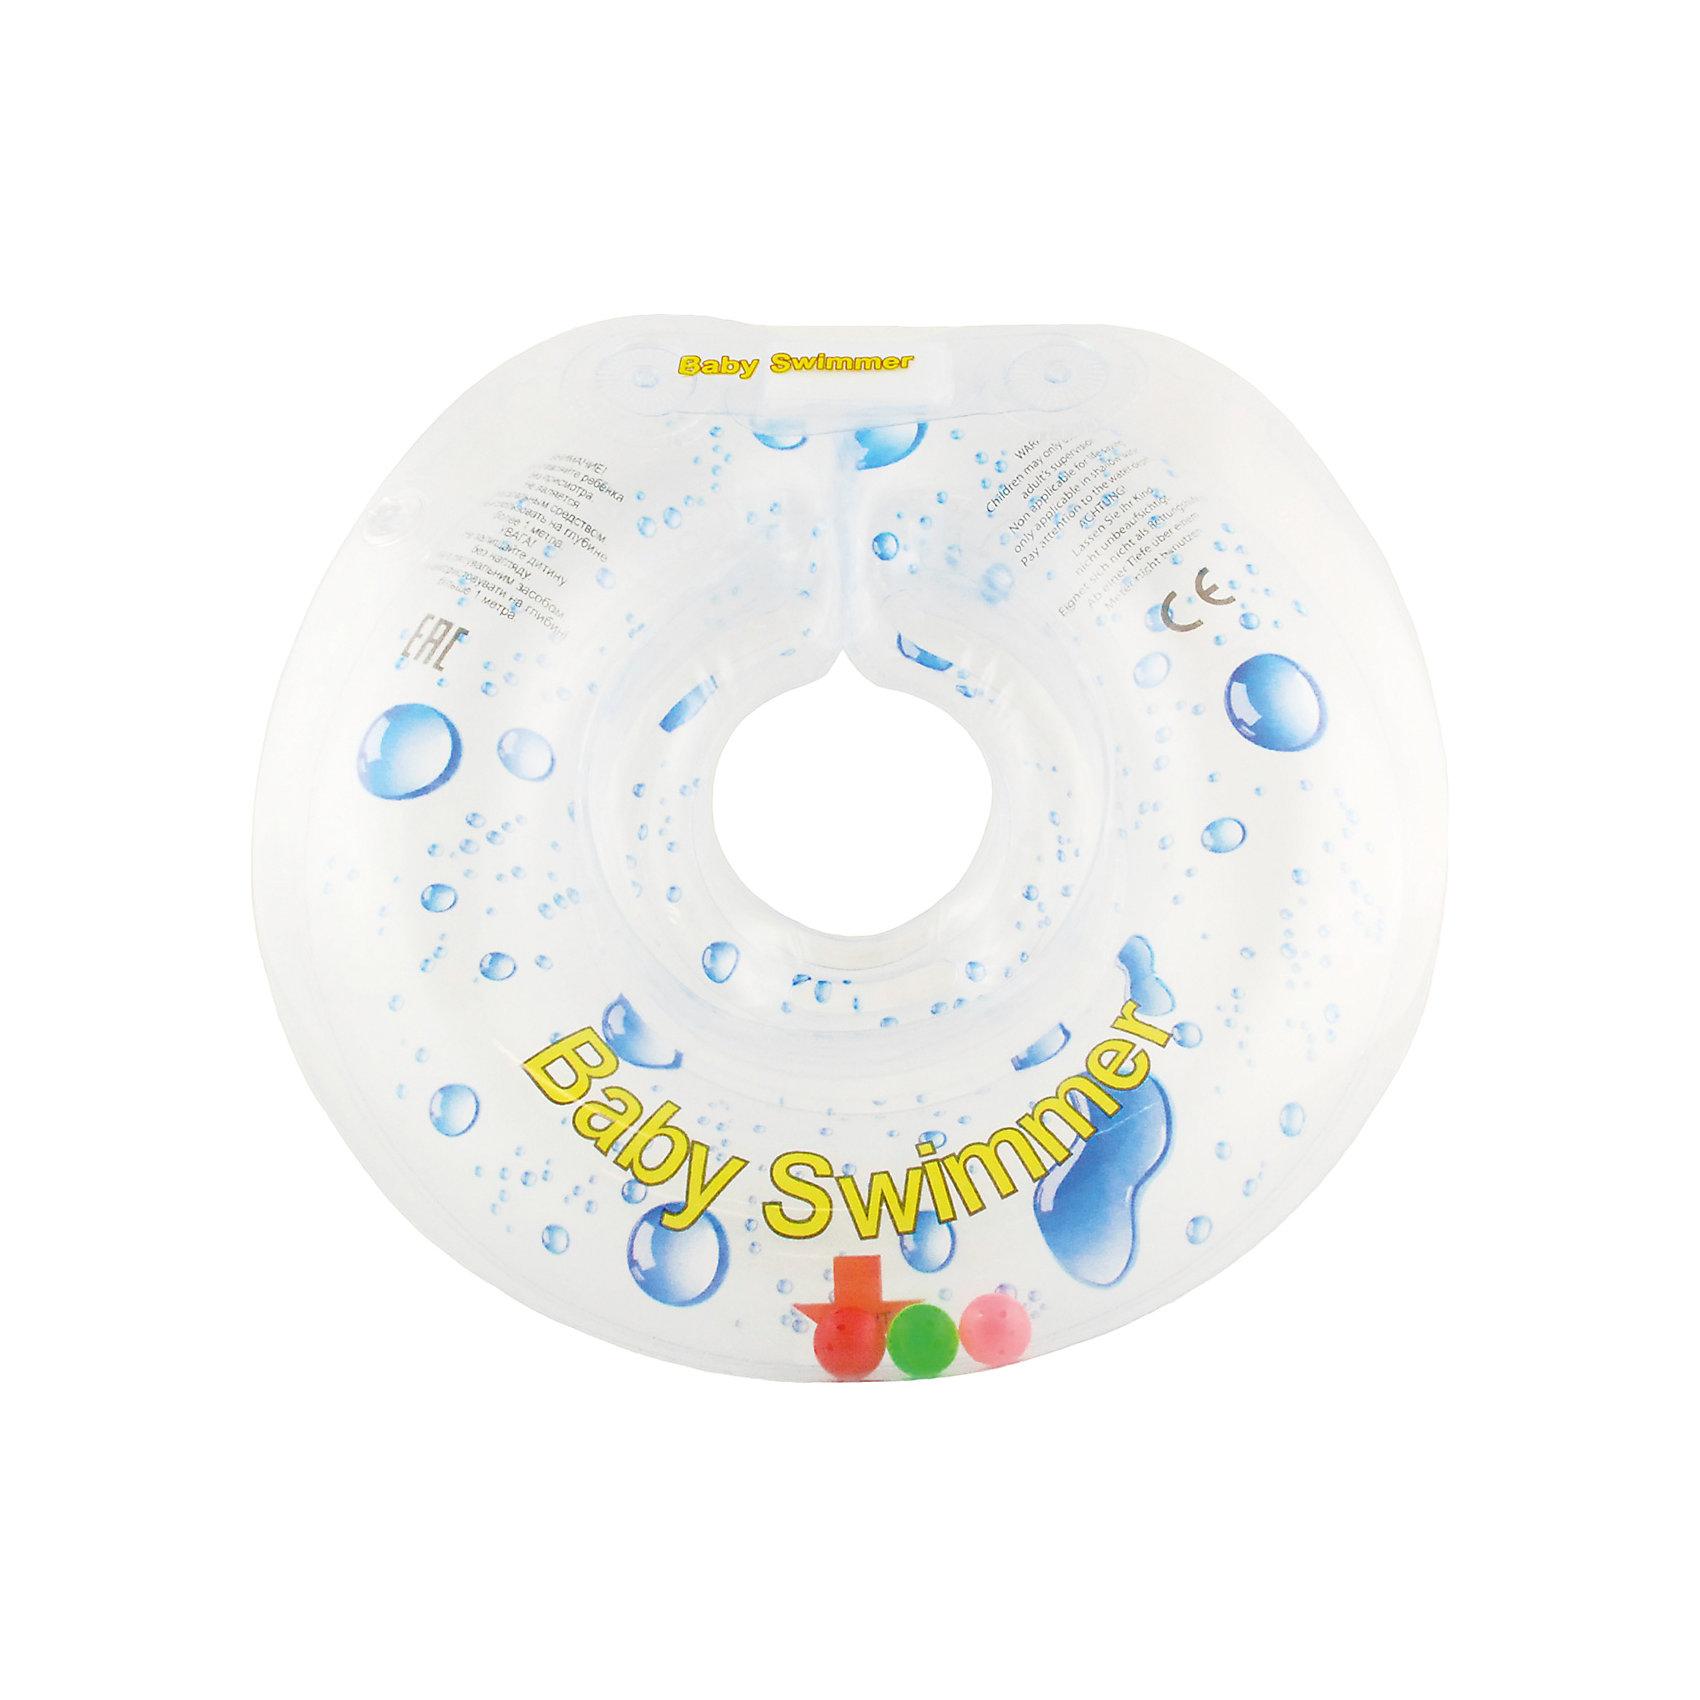 Круг для купания с погремушкой внутри ПРОЗРАЧНАЯ КАПЕЛЬКА BabySwimmer, прозрачныйИнтересная расцветка делает плавательный круг любимой деталью купального процесса. Круг для купания Baby Swimmer с погремушкой – улучшенная вариация классической одноименной модели. Отличительная особенность – погремушка внутри круга. Устройство обеспечит безопасность купания малыша, избавит  от страха воды и сделает водные процедуры веселой игрой. У круга есть устройство, поддерживающее подбородок, что позволит избежать проглатывание воды малышом. Все материалы, использованные при разработке и изготовлении круга для купания безопасны для использования, отвечают всем требованиям экологичности и качества детских товаров, а так же гипоаллергенны.<br><br>Дополнительная информация:<br><br>модель: Baby Swimmer;<br>цвет: прозрачный.<br><br>Круг для купания с погремушкой внутри Baby Swimmer можно приобрести в нашем магазине.<br><br>Ширина мм: 140<br>Глубина мм: 30<br>Высота мм: 180<br>Вес г: 160<br>Возраст от месяцев: 6<br>Возраст до месяцев: 36<br>Пол: Унисекс<br>Возраст: Детский<br>SKU: 4968113